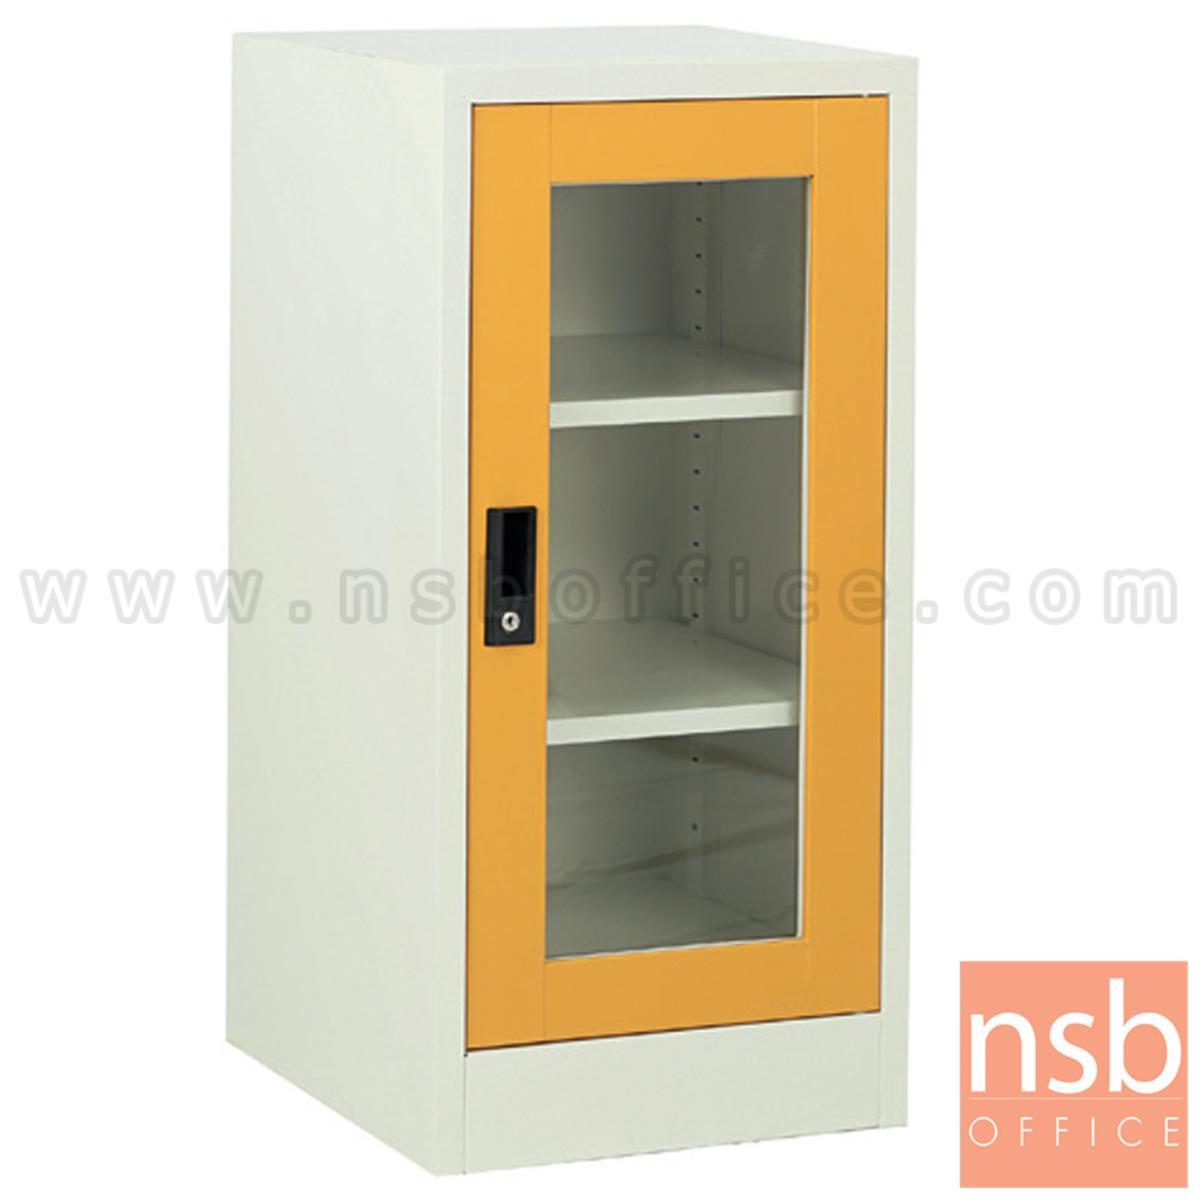 E07A046:ตู้บานเปิดกระจกเตี้ย  รุ่น EL-S4060 ขนาด  40W,60W cm.  กุญแจล็อก